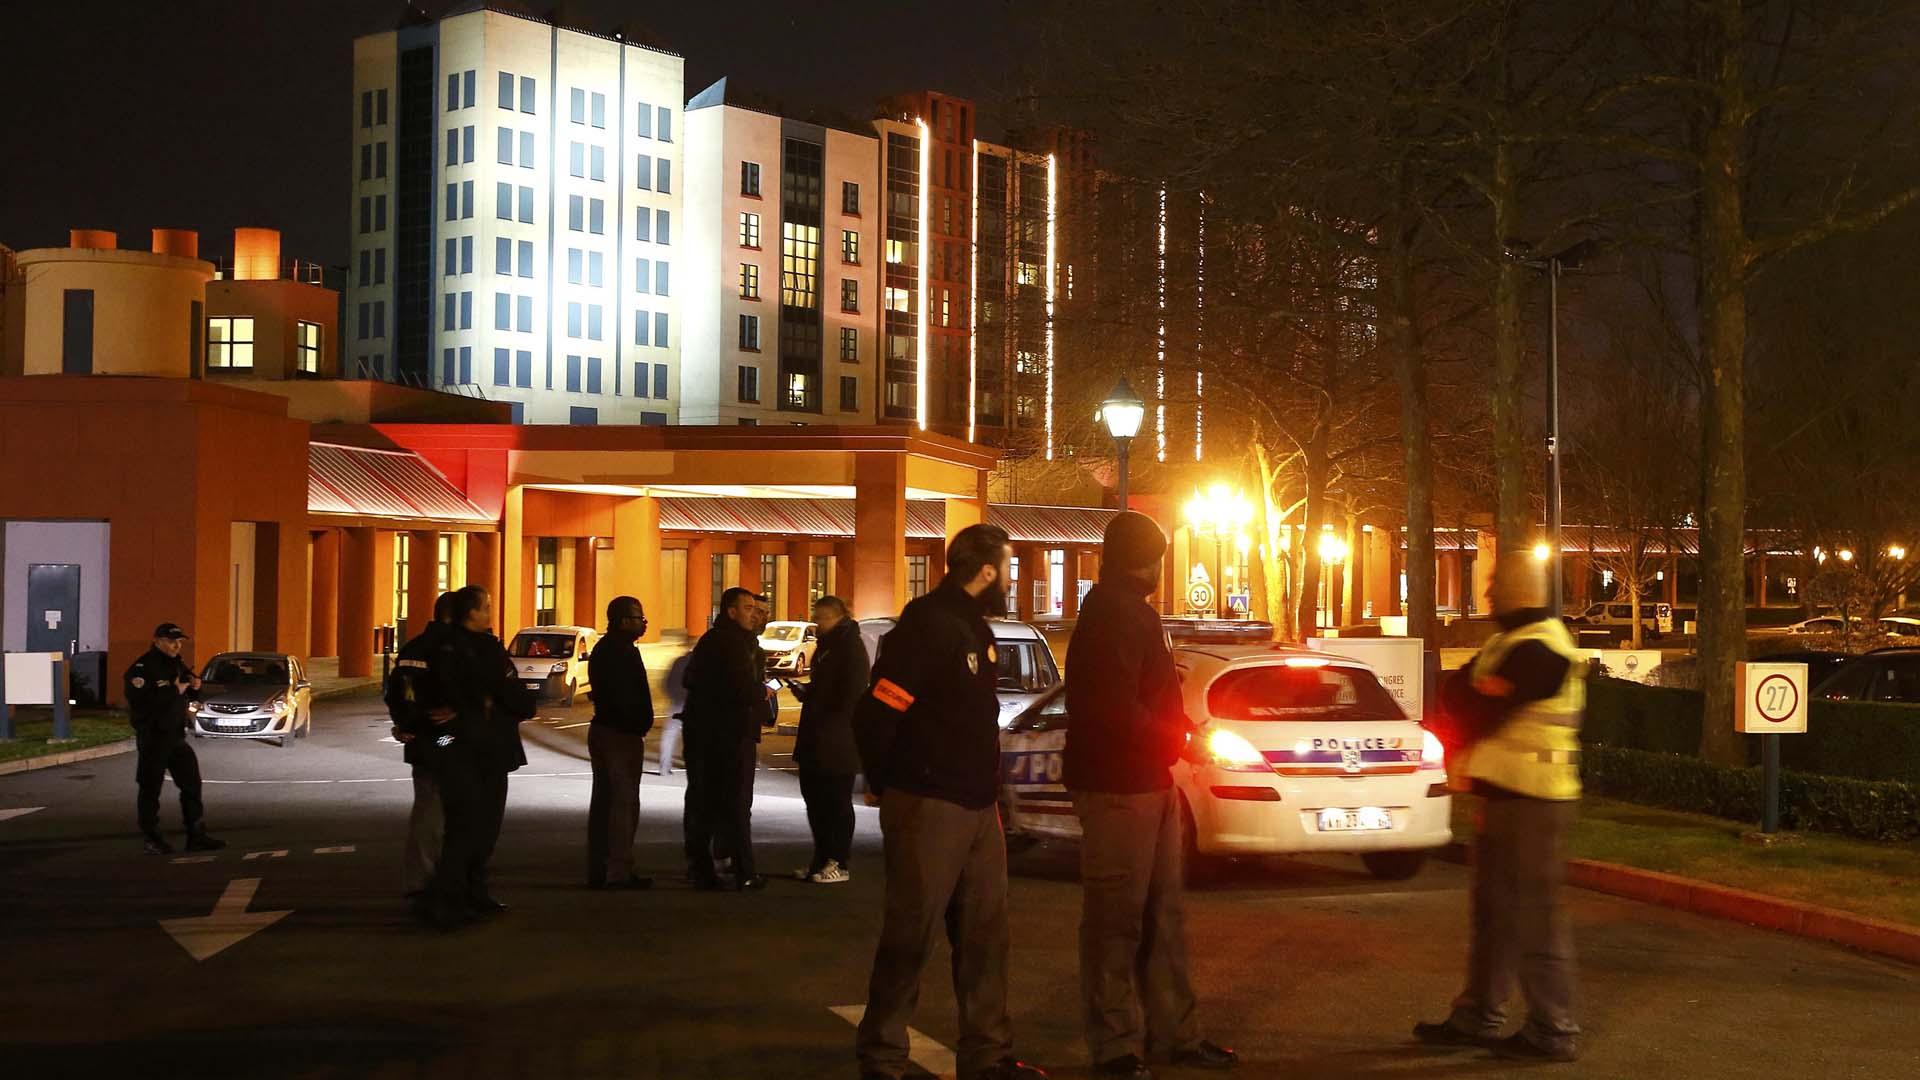 Al individuo le incautaron dos armas y cartuchos de balas durante un control de seguridad en un hotel del parque